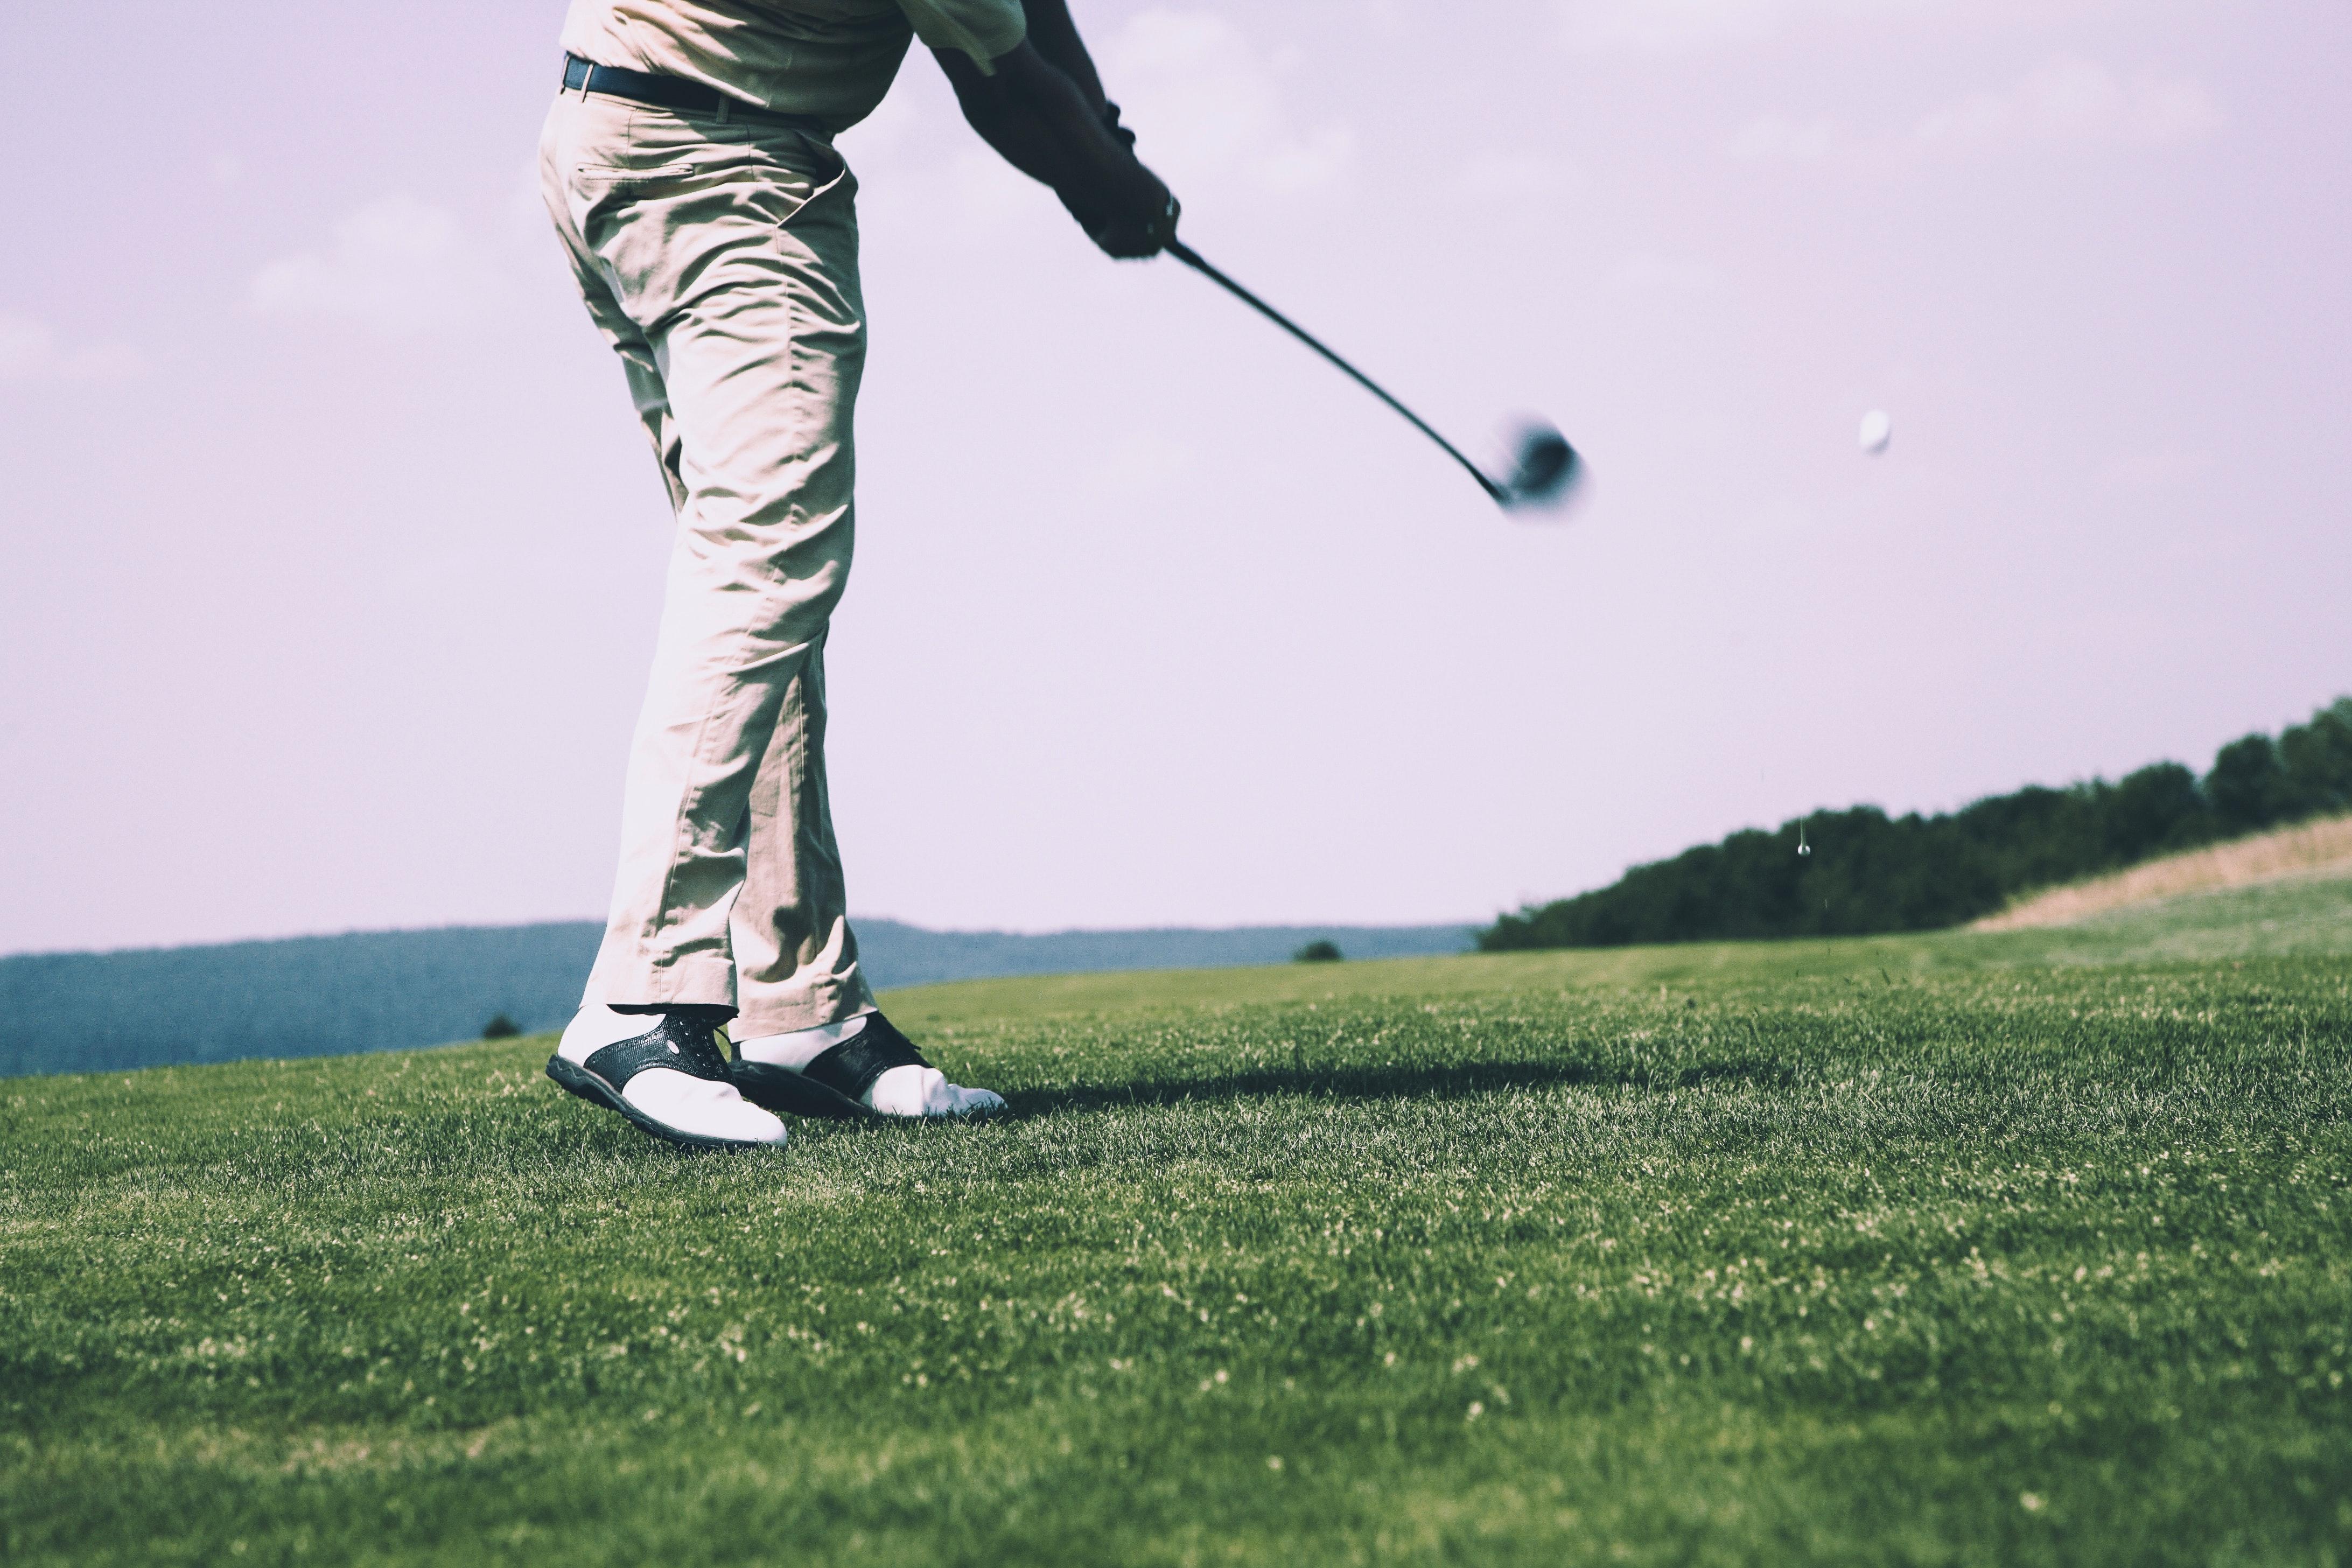 Golfbana med en golfspelare